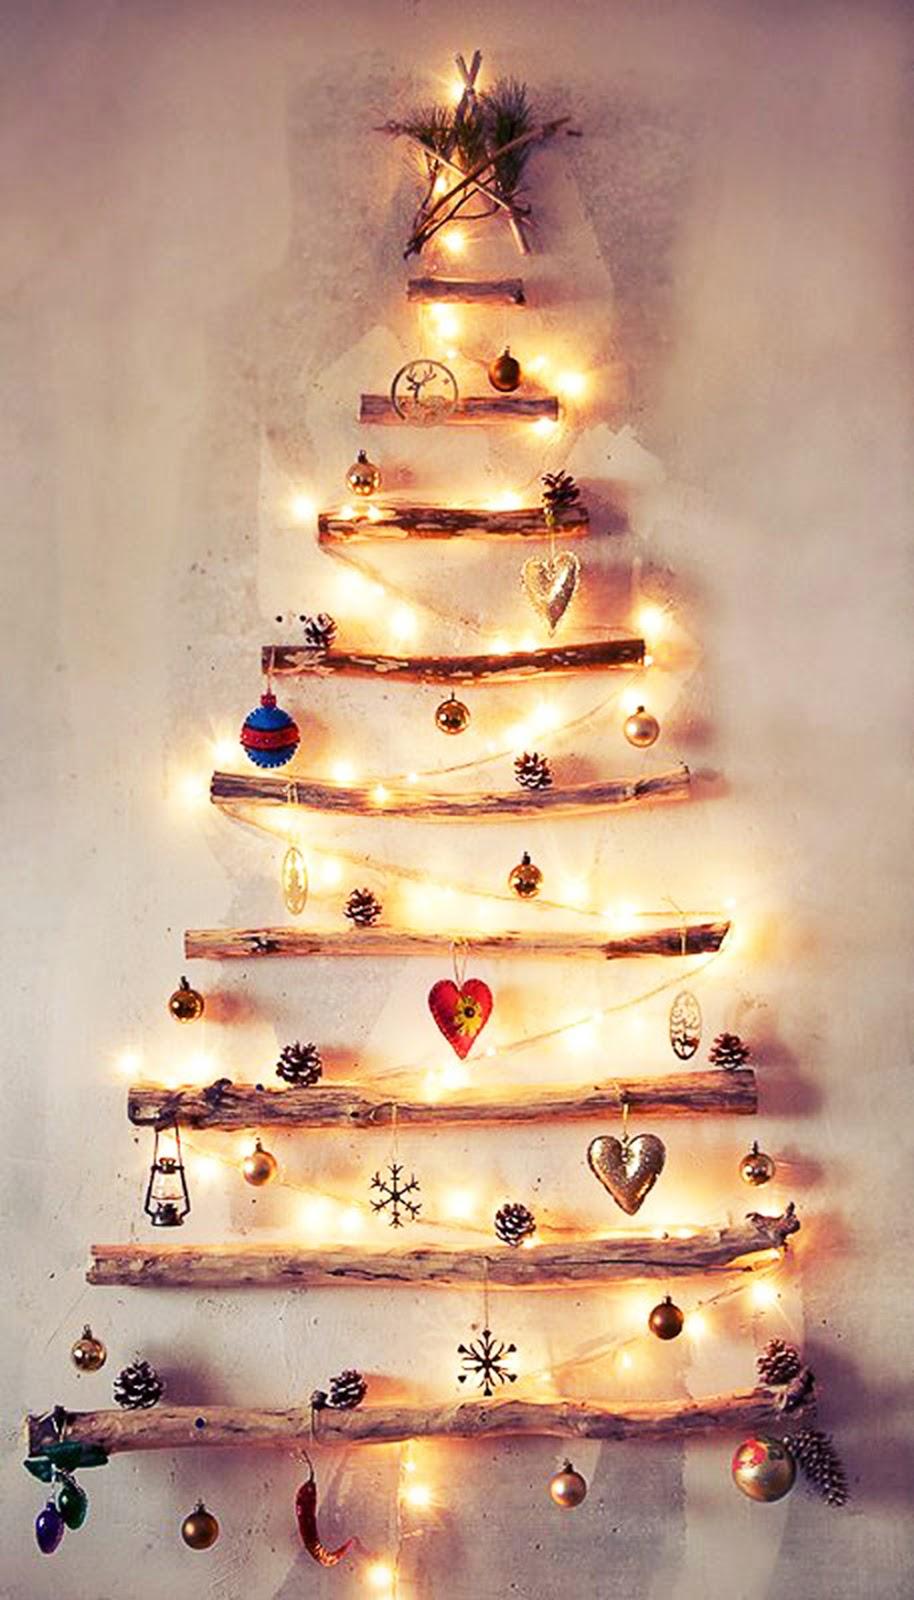 Idee Di Riciclo Per Natale idee di natale a tutto riciclo! | pianeta delle idee